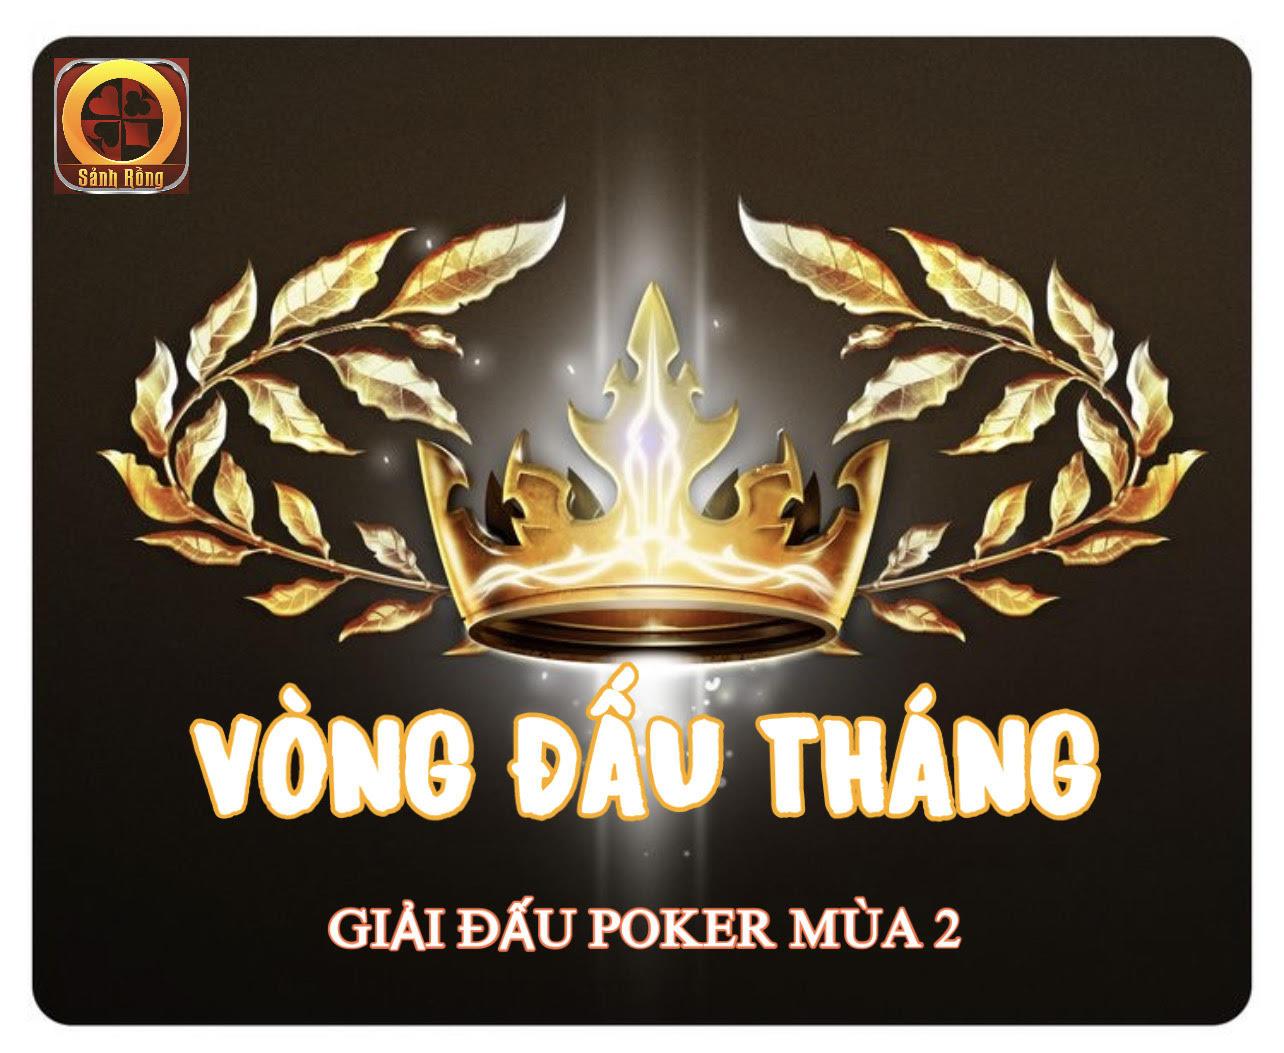 Danh sách Top 6 người chơi tham gia Vòng đấu Tháng của Giải Đấu Poker Mùa 2 đã lộ diện